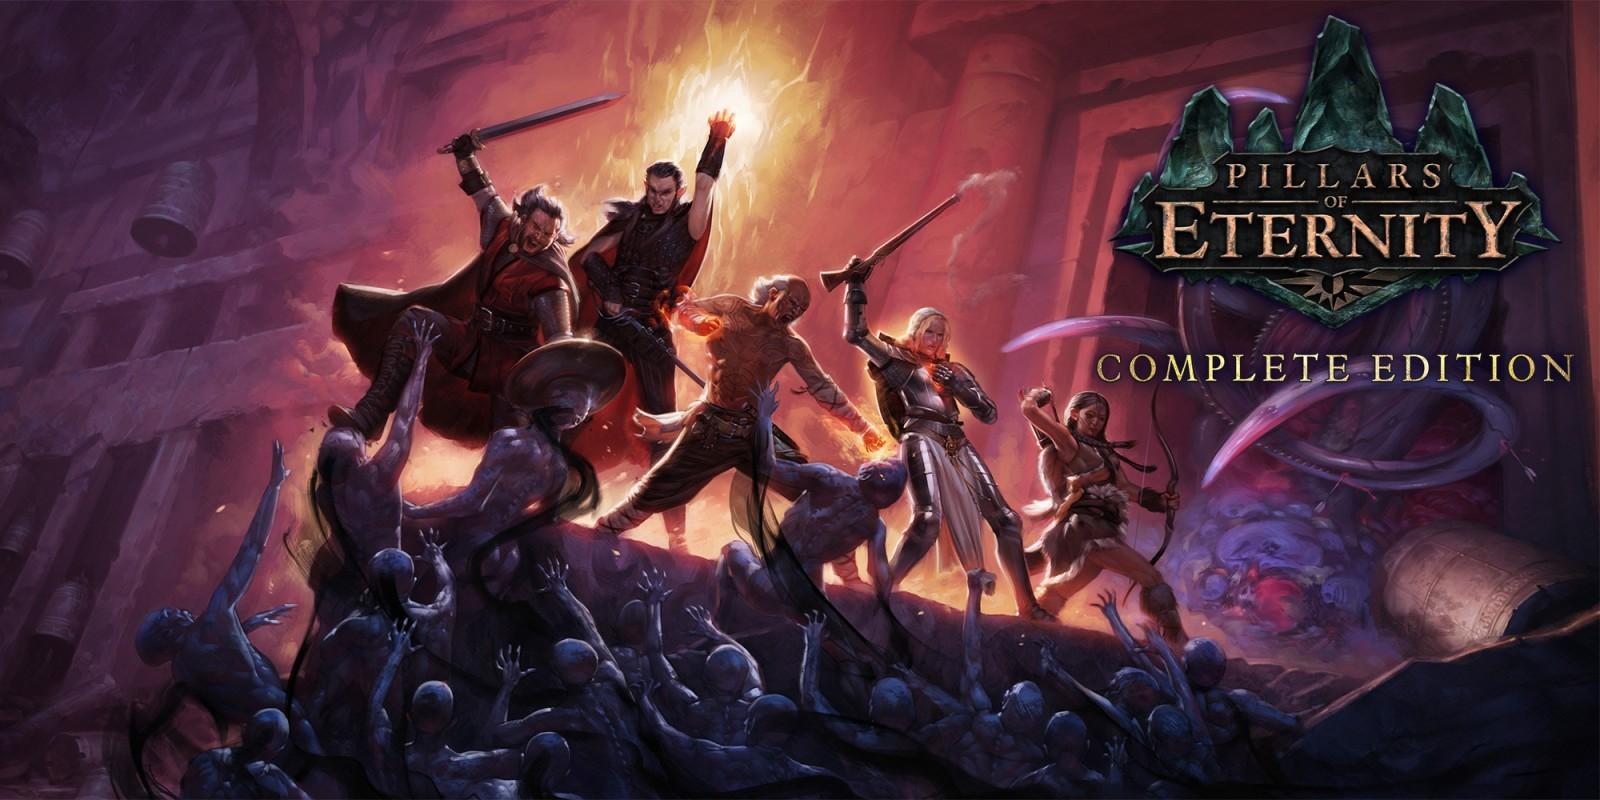 Versus Evil обещает выпустить еще один крупный патч для Pillars of Eternity: Complete Edition на Switch 98